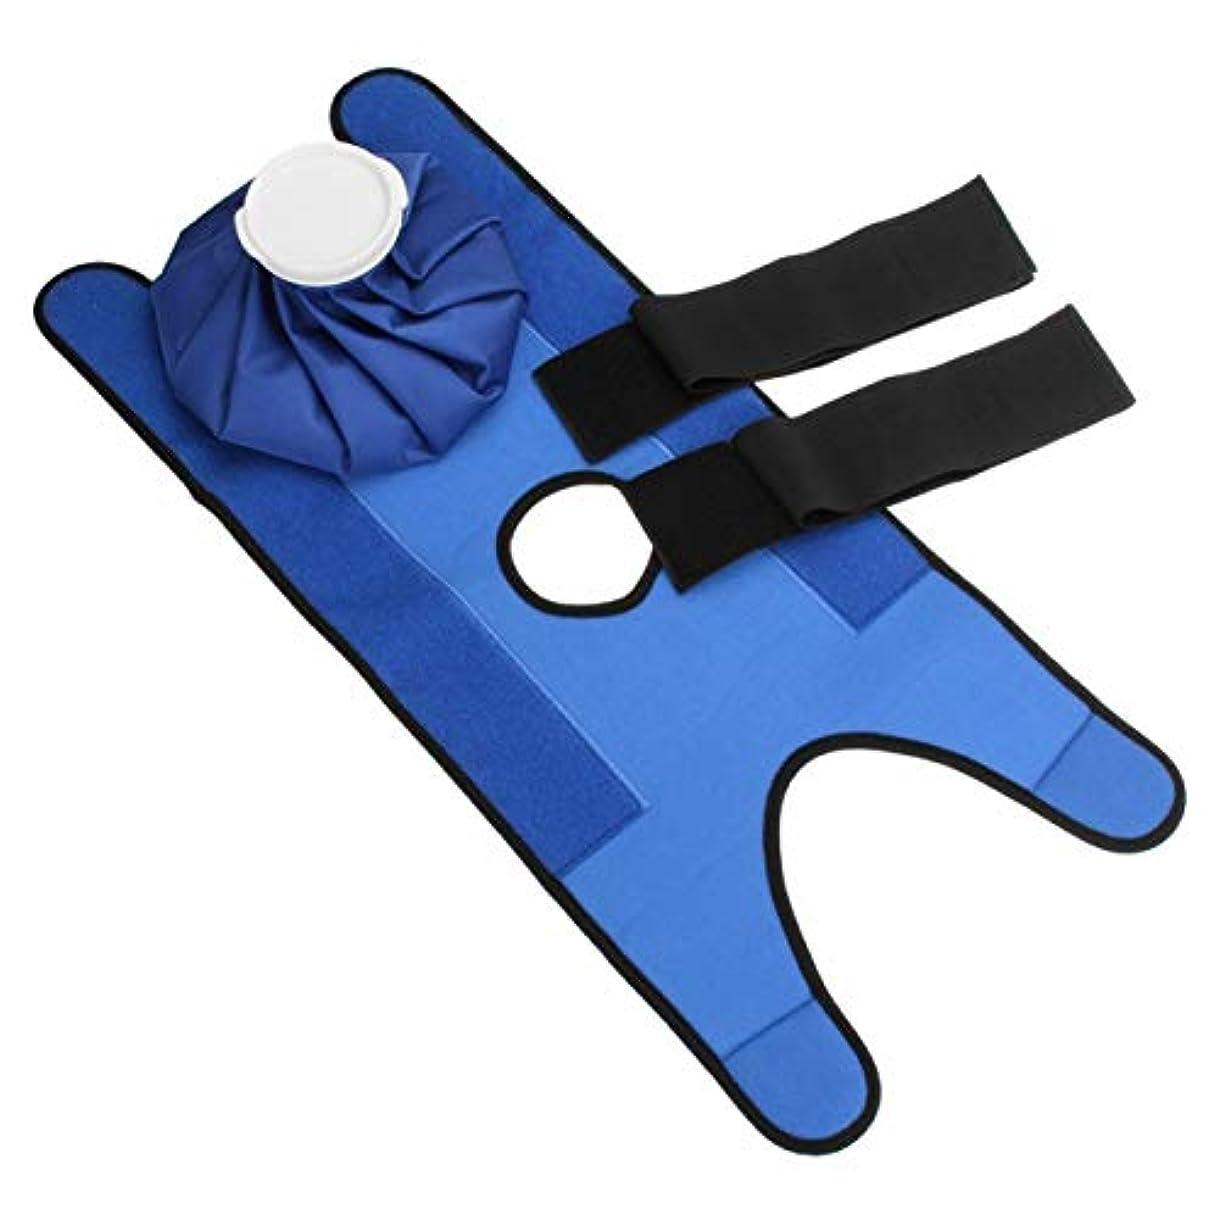 恥絡まるアサーSaikogoods 小型サイズの再使用可能なヘルスケアの膝の頭部の足の筋肉スポーツ傷害の軽減の痛みのアイスバッグ包帯が付いている無毒なアイスパック